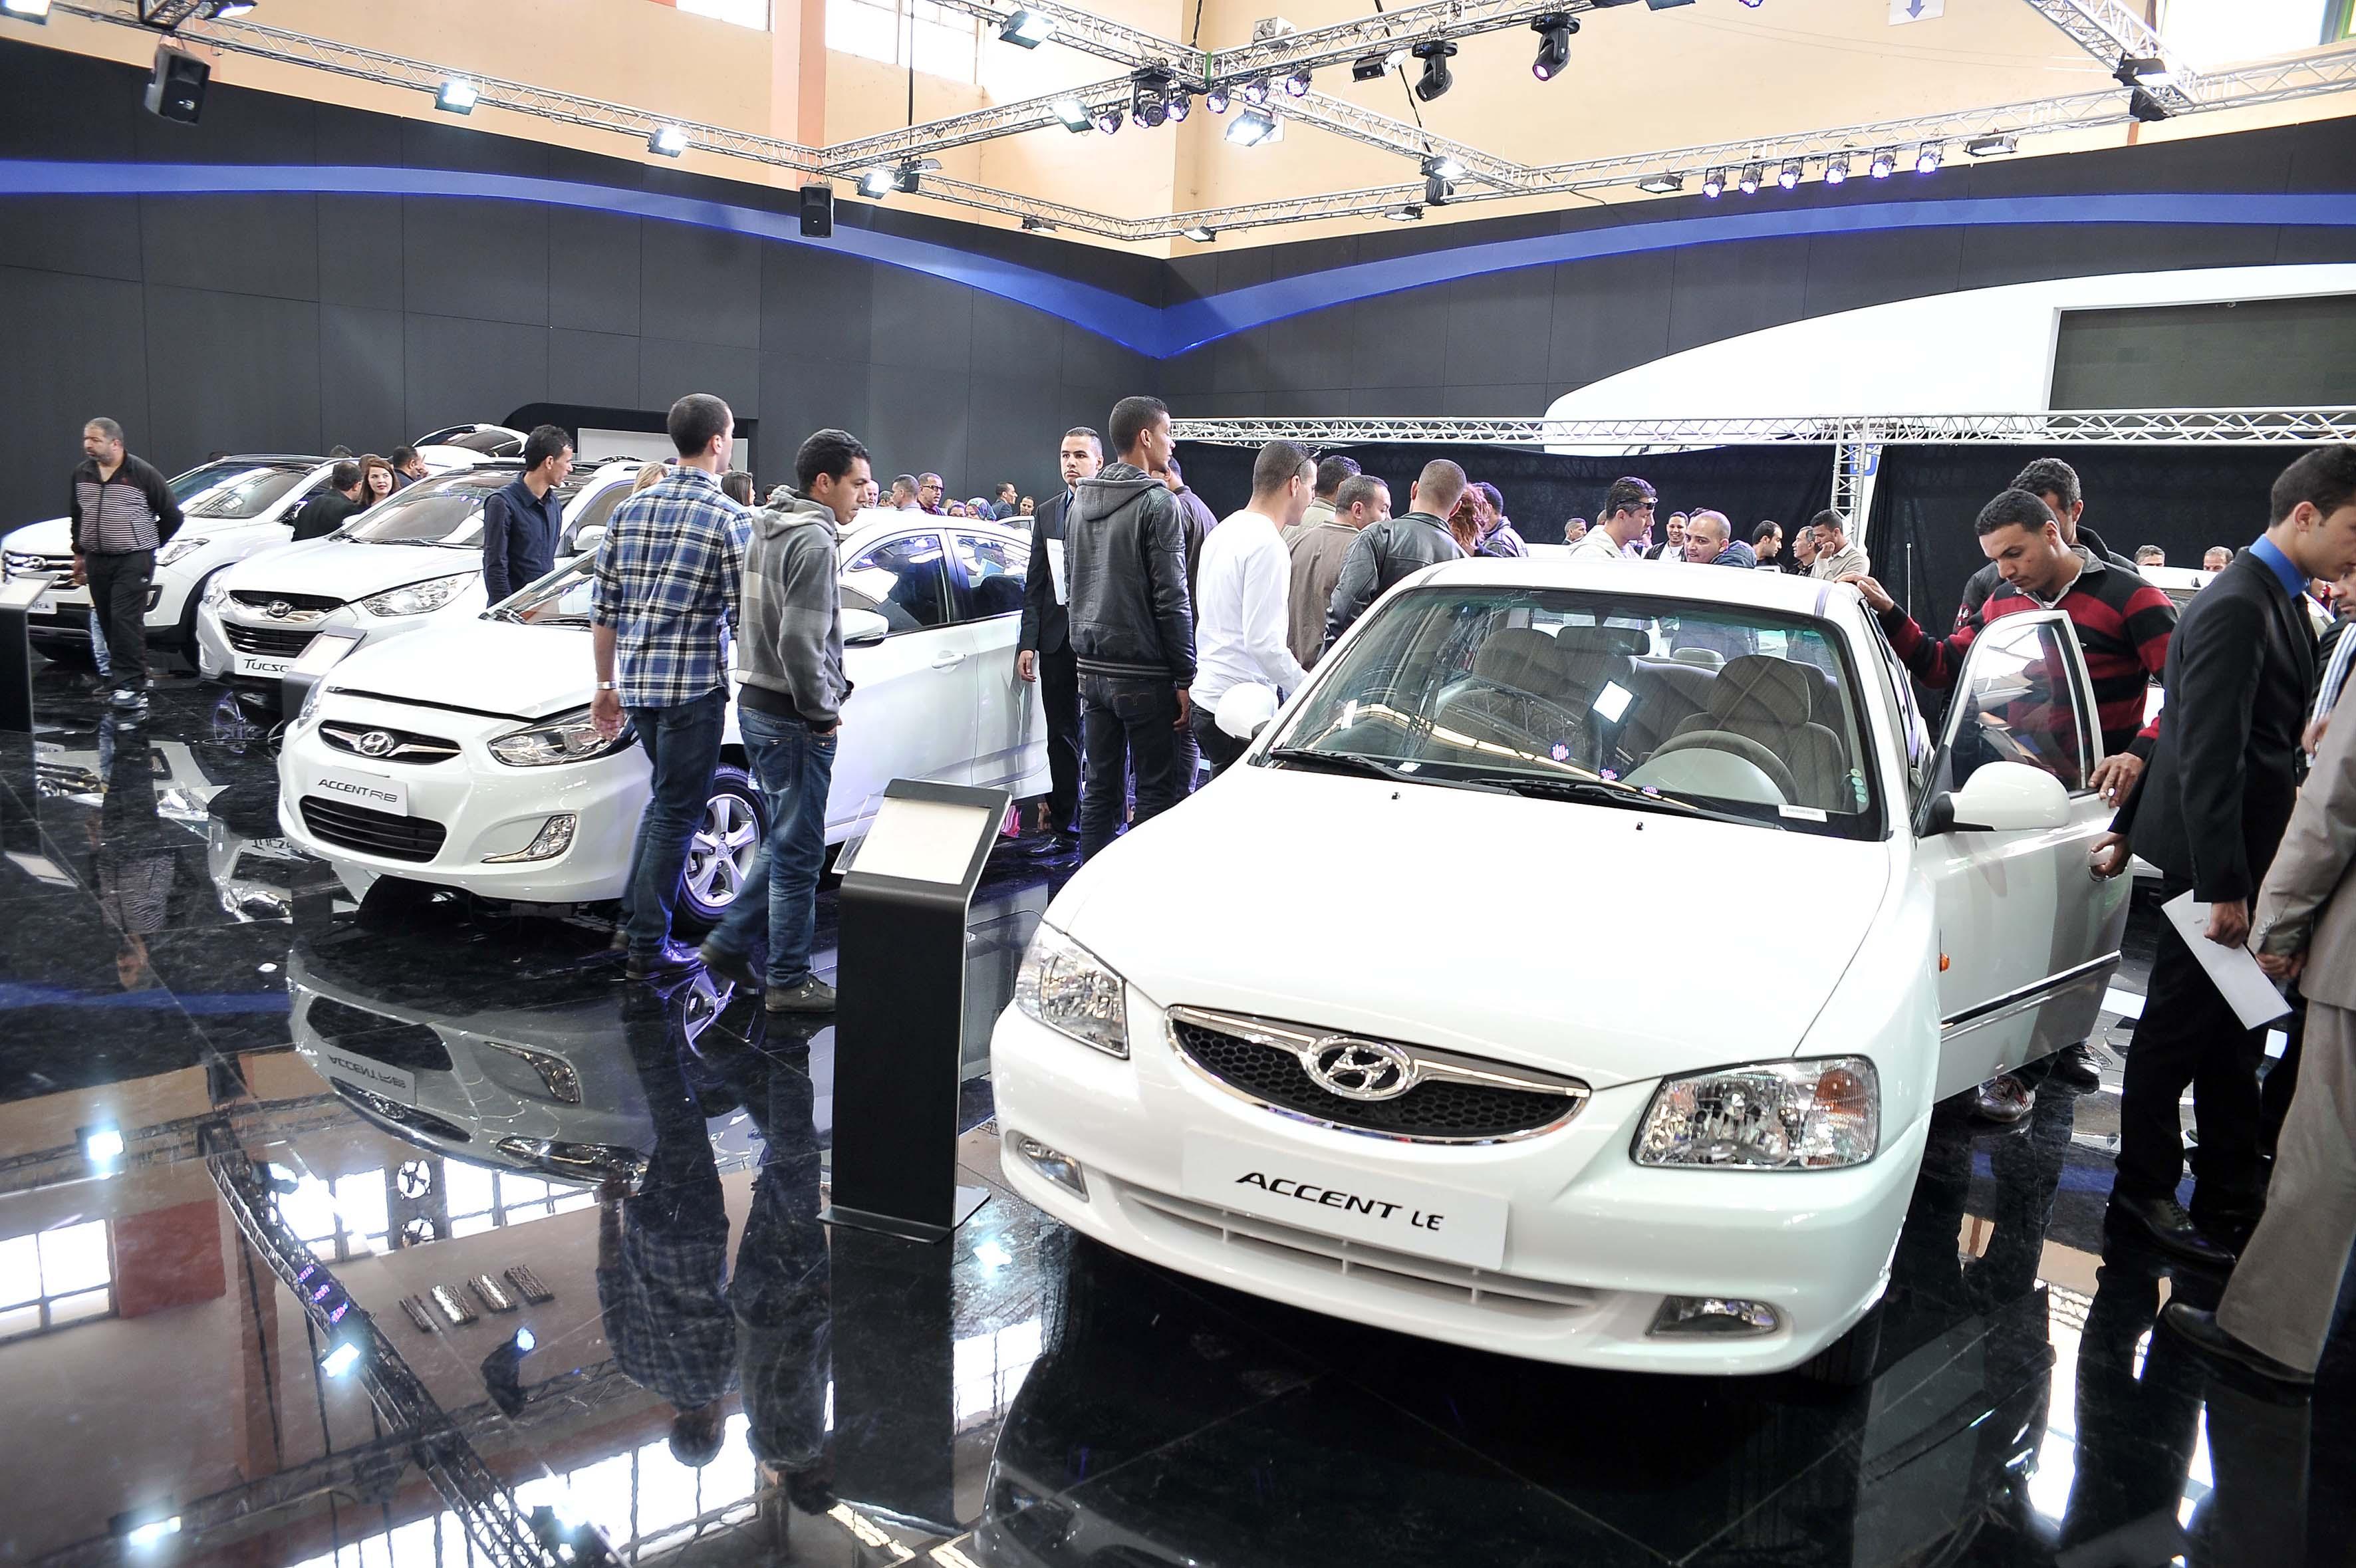 L'importation des véhicules a reculé à 768 millions de dollars. New Press